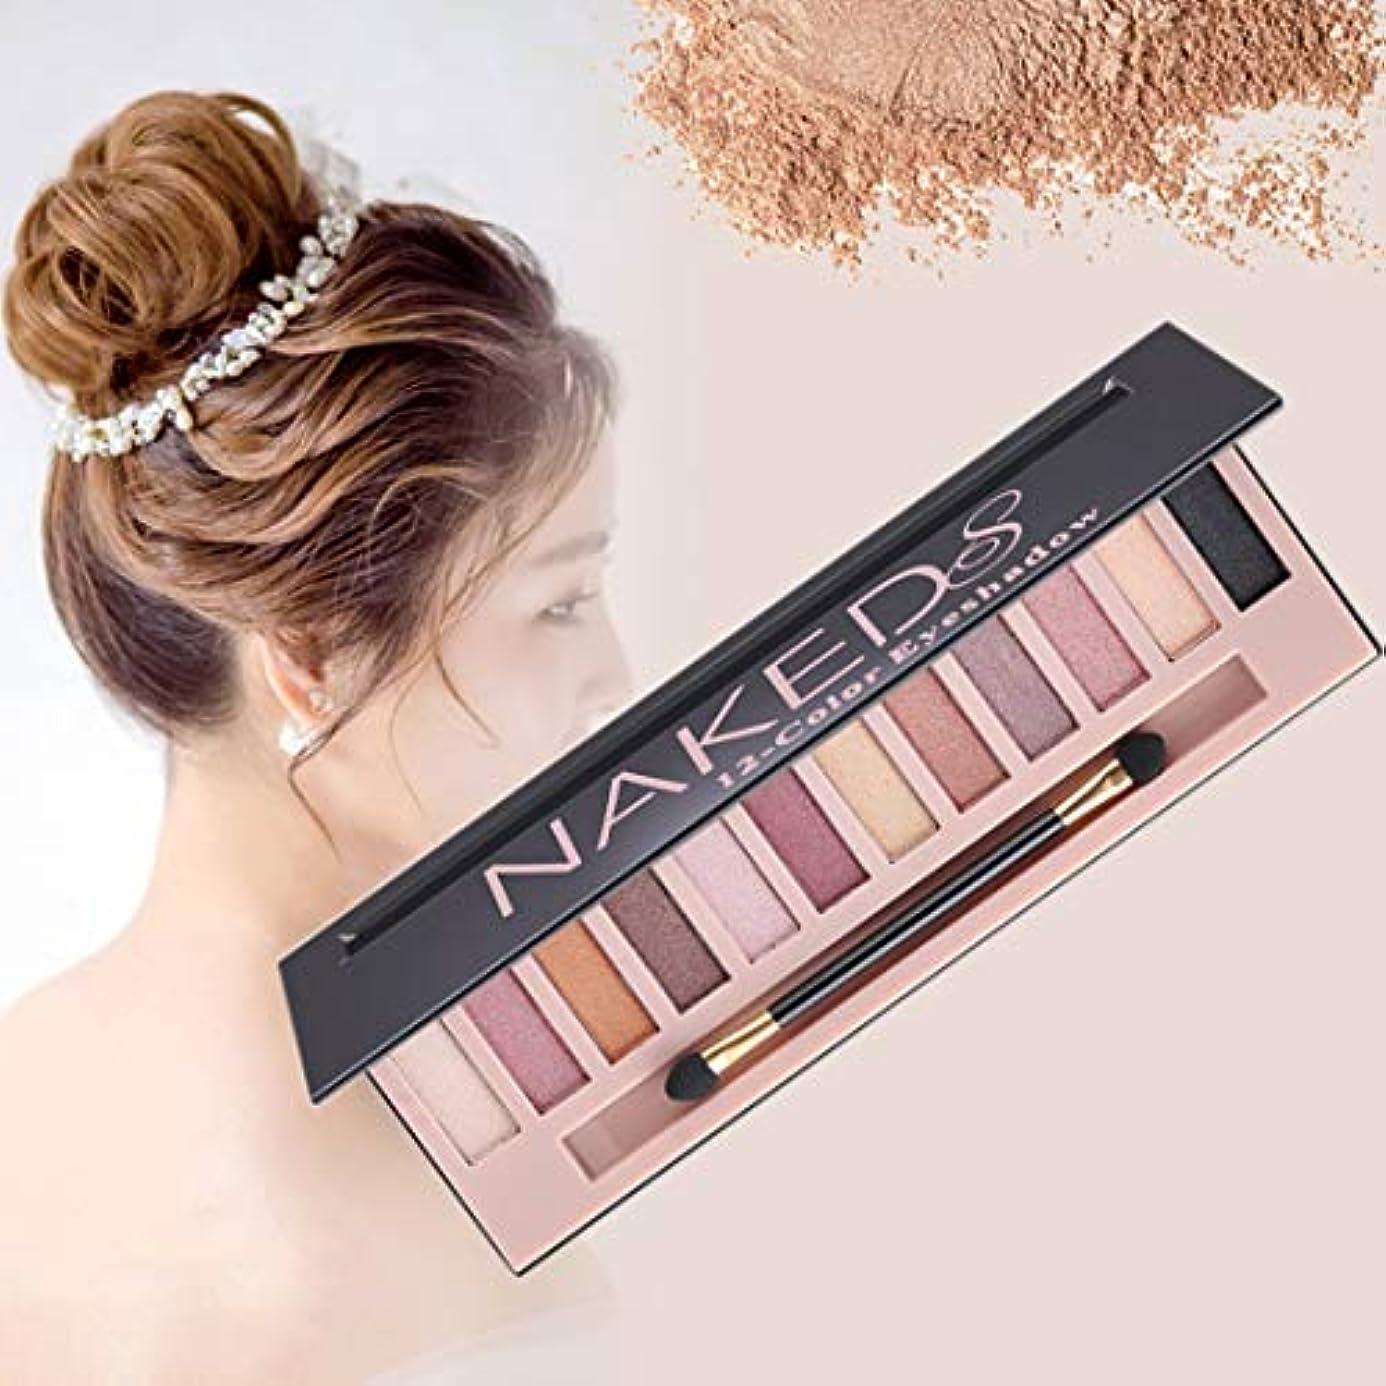 メディア予想外実業家健康と美容アイシャドウ 5673化粧品12色パールスモーキーアイシャドウメイクアップパレット 化粧